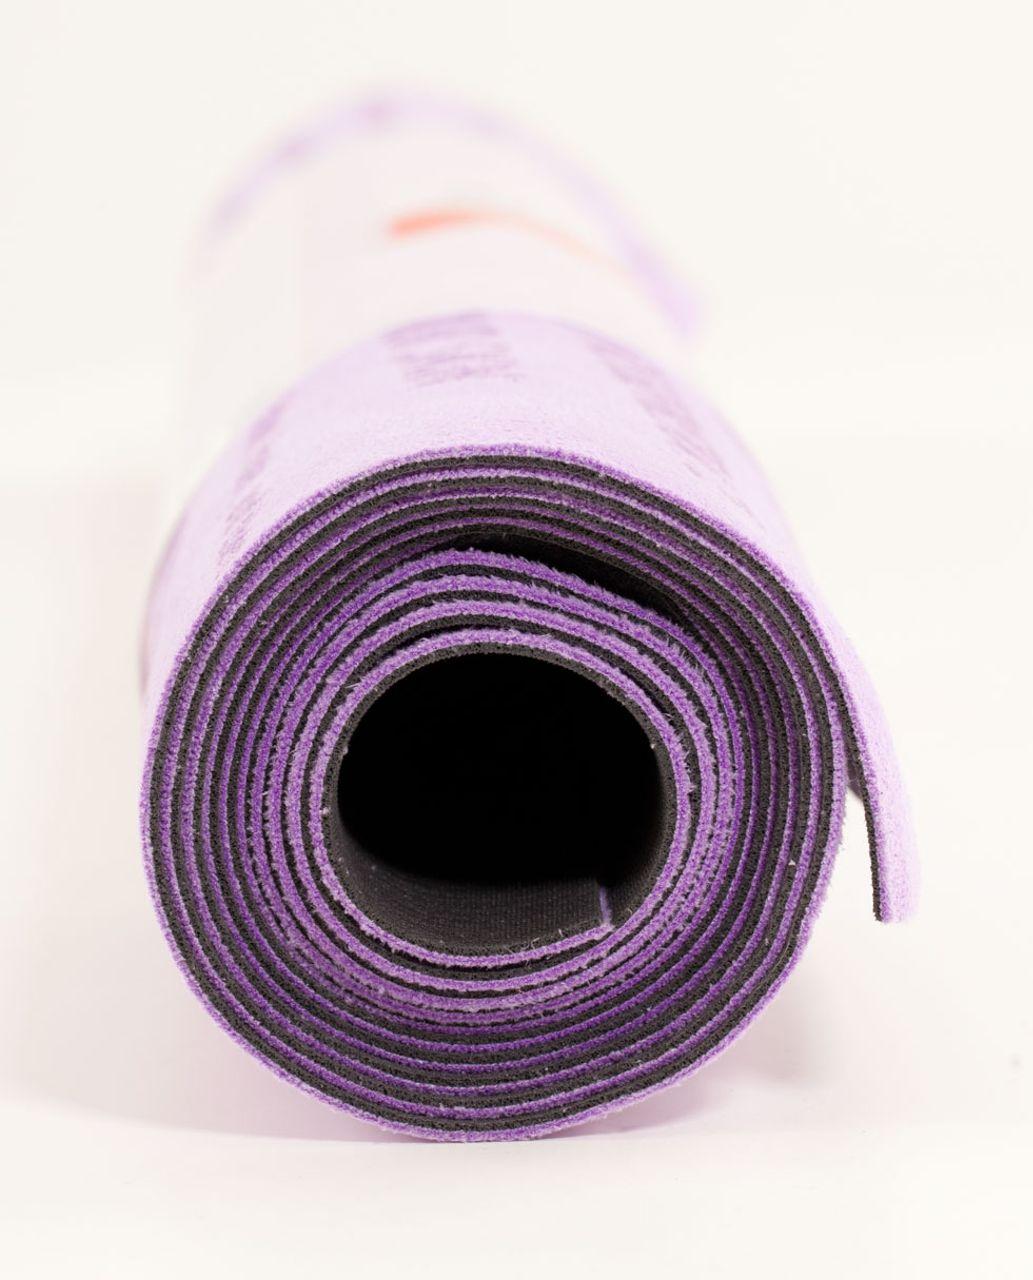 Lululemon The (Towel) Mat - Groovy Grape / Black